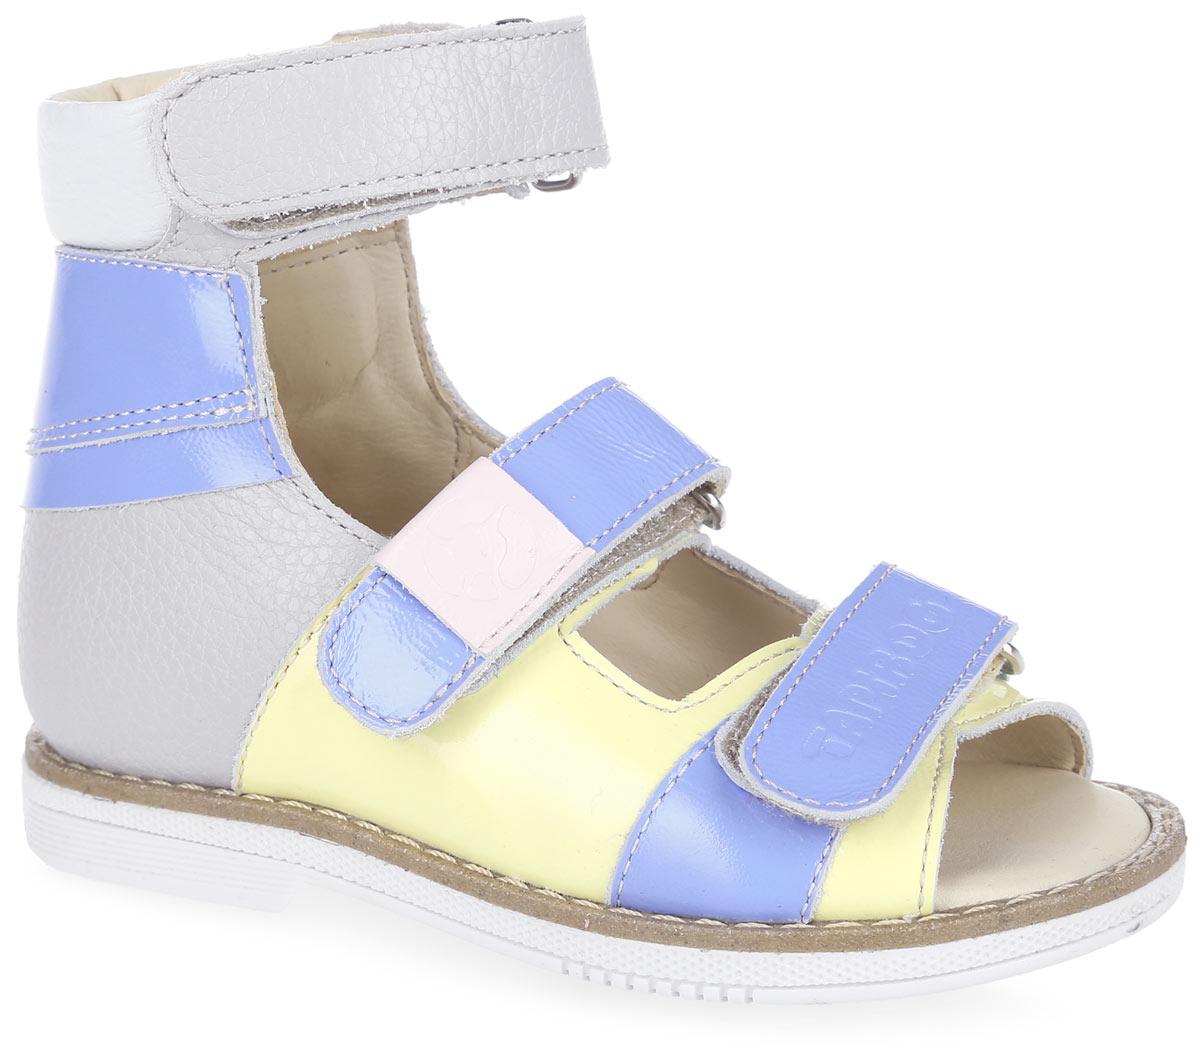 FT-26005.16-OL12S.01Стильные сандалии от TapiBoo заинтересуют вашу маленькую модницу. Модель выполнена из натуральной кожи разной фактуры и оформлена на нижнем ремешке фирменным тиснением, на ремешке в области подъема - шильдой с логотипом бренда, на подошве сзади - фирменным тиснением. Подкладка и стелька, изготовленные из натуральной кожи, гарантируют комфорт при ходьбе. Отсутствие швов на подкладке обеспечивает дополнительный комфорт и предотвращает натирание. Ремешки на застежках-липучках позволяют легко снимать и надевать обувь даже самым маленьким детям, обеспечивая при этом оптимальную фиксацию стопы. Жесткий фиксирующий задник надежно стабилизирует голеностопный сустав во время ходьбы, препятствуя развитию патологических изменений стопы. Широкий, устойчивый каблук специальной конфигурации каблук Томаса продлен с внутренней стороны до середины стопы, чтобы исключить вращение (заваливание) стопы вовнутрь. Упругая, умеренно-эластичная подошва имеет перекат,...